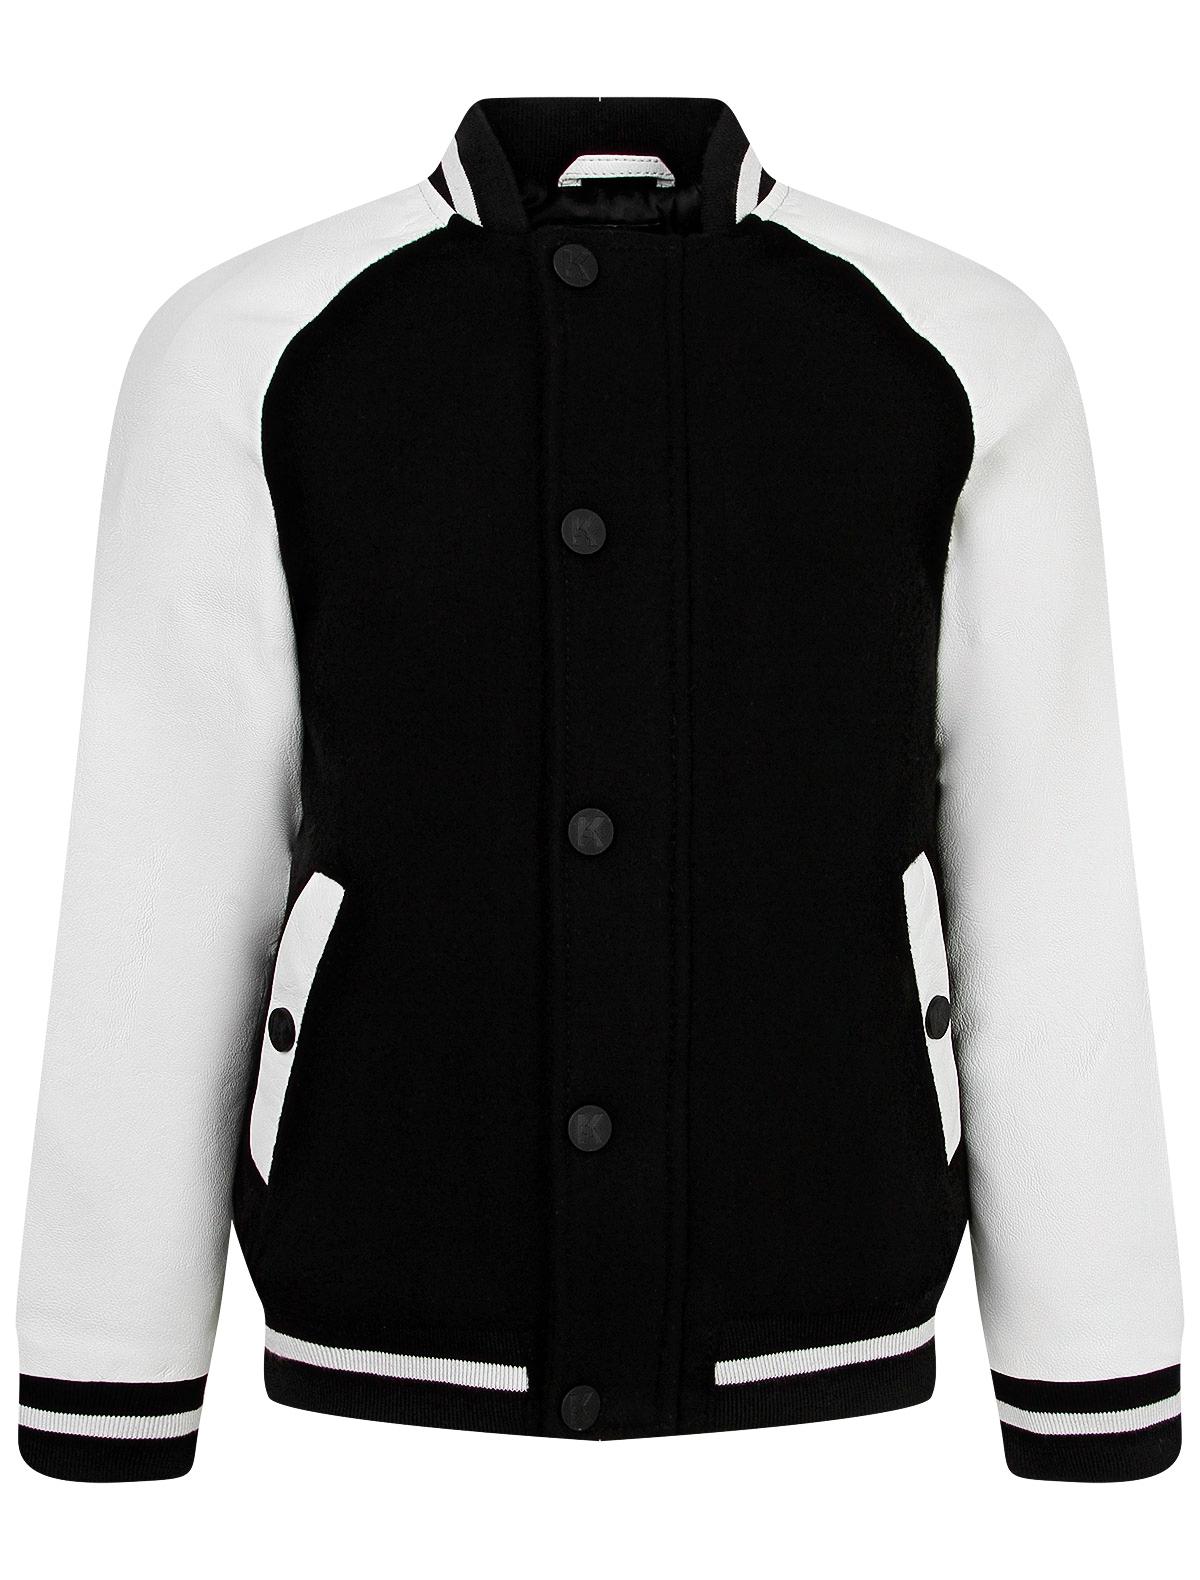 Купить 2238184, Куртка KARL LAGERFELD, черный, Мужской, 1074519082948